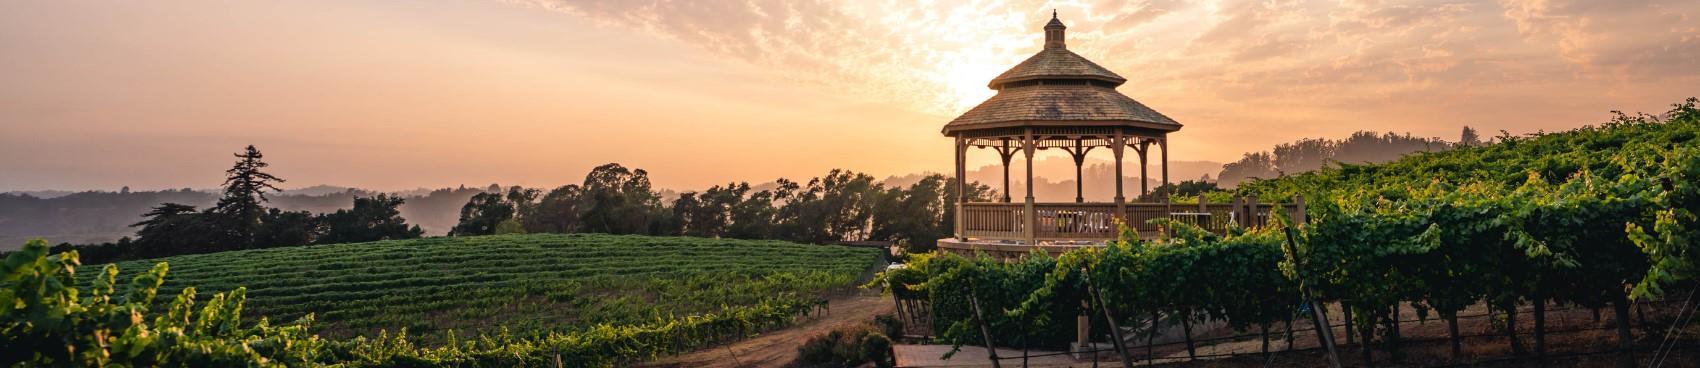 Regan Vineyards Winery